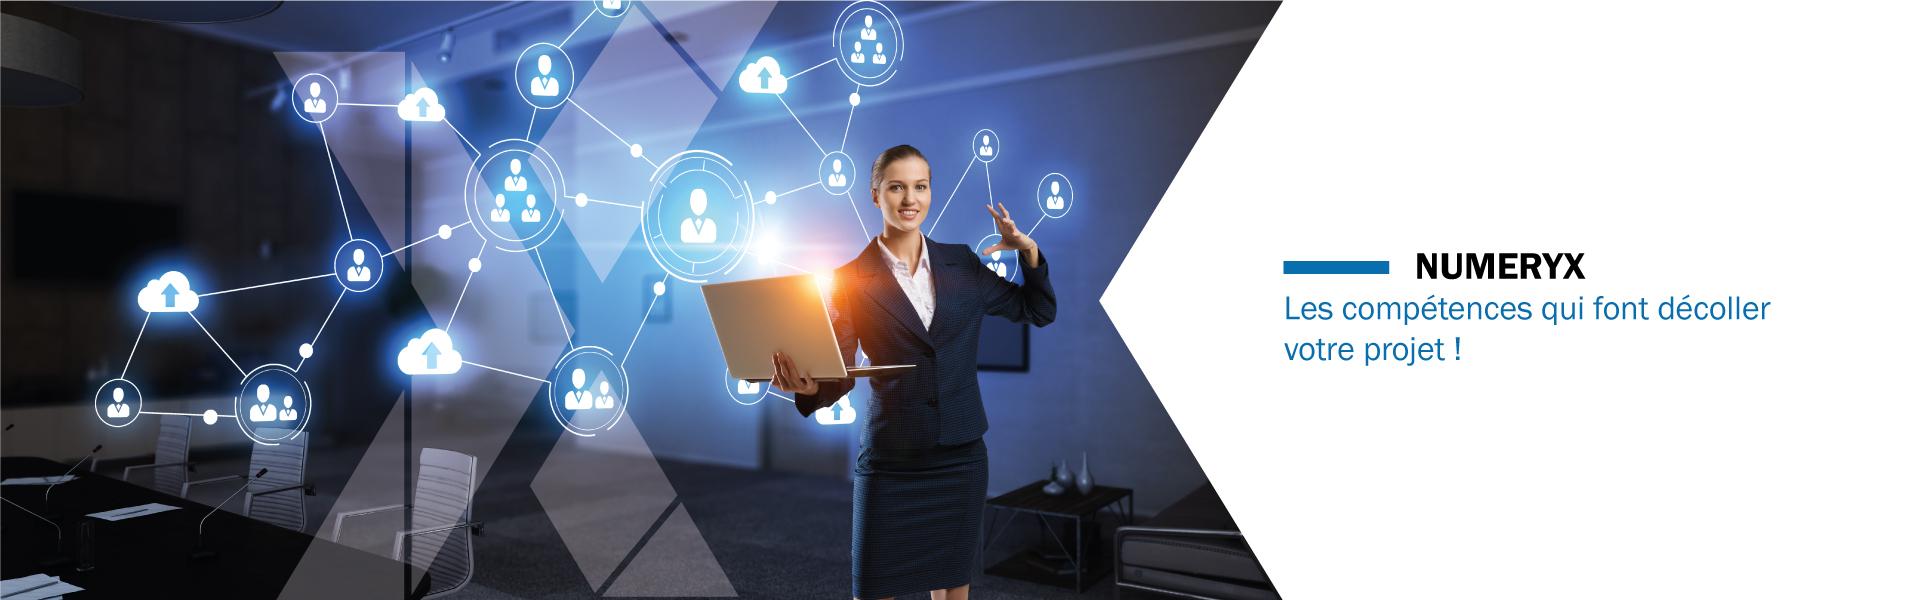 Entreprise de services du numérique